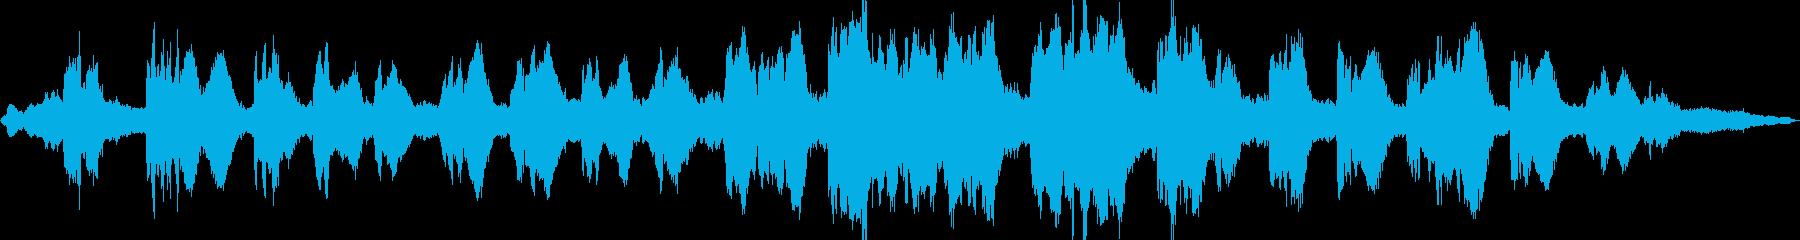 世界 センチメンタル 感情的 説明...の再生済みの波形